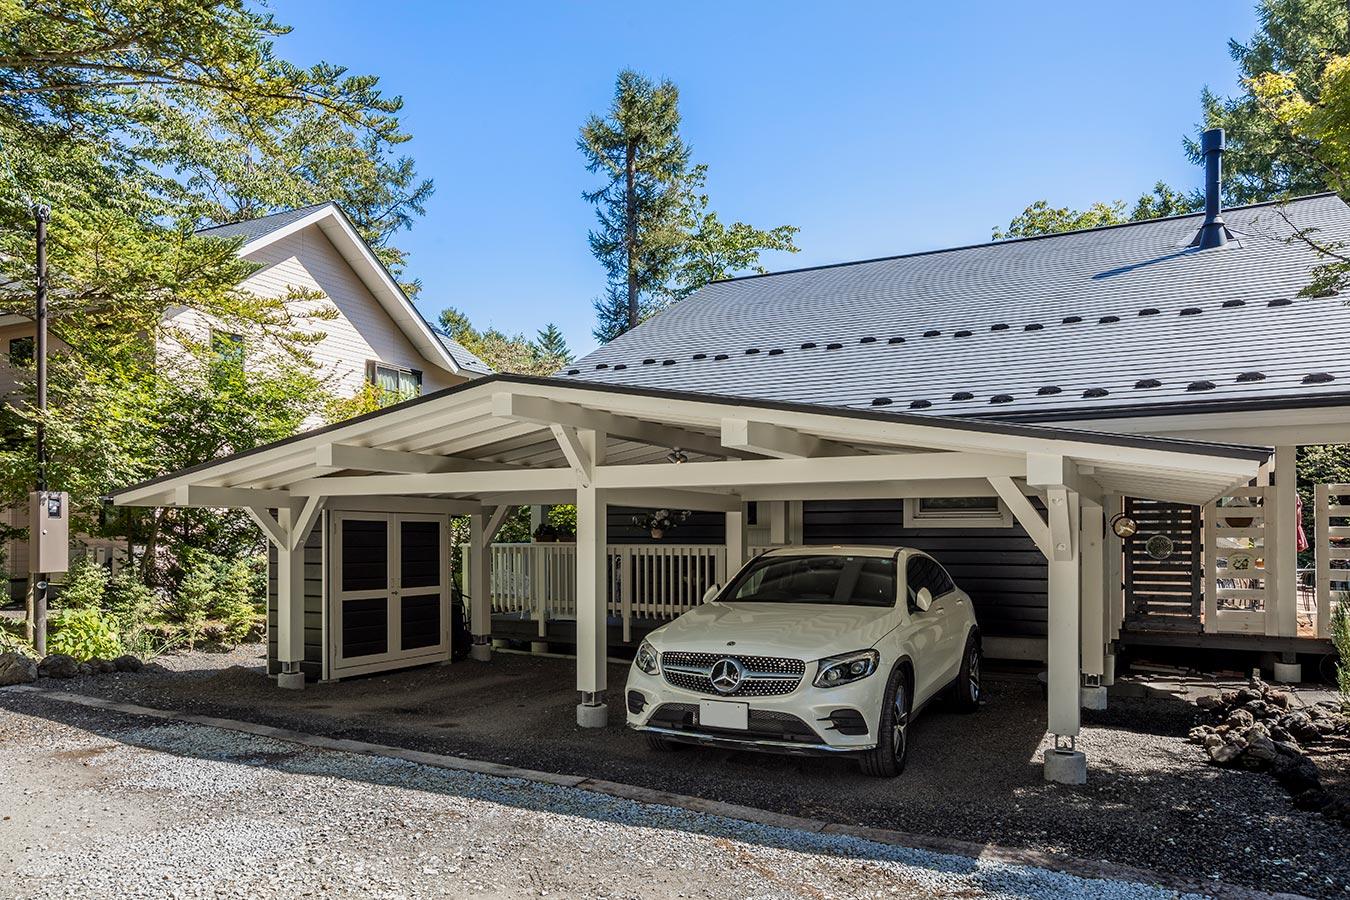 住居同様、太い梁を使用した三角屋根のカーポート。